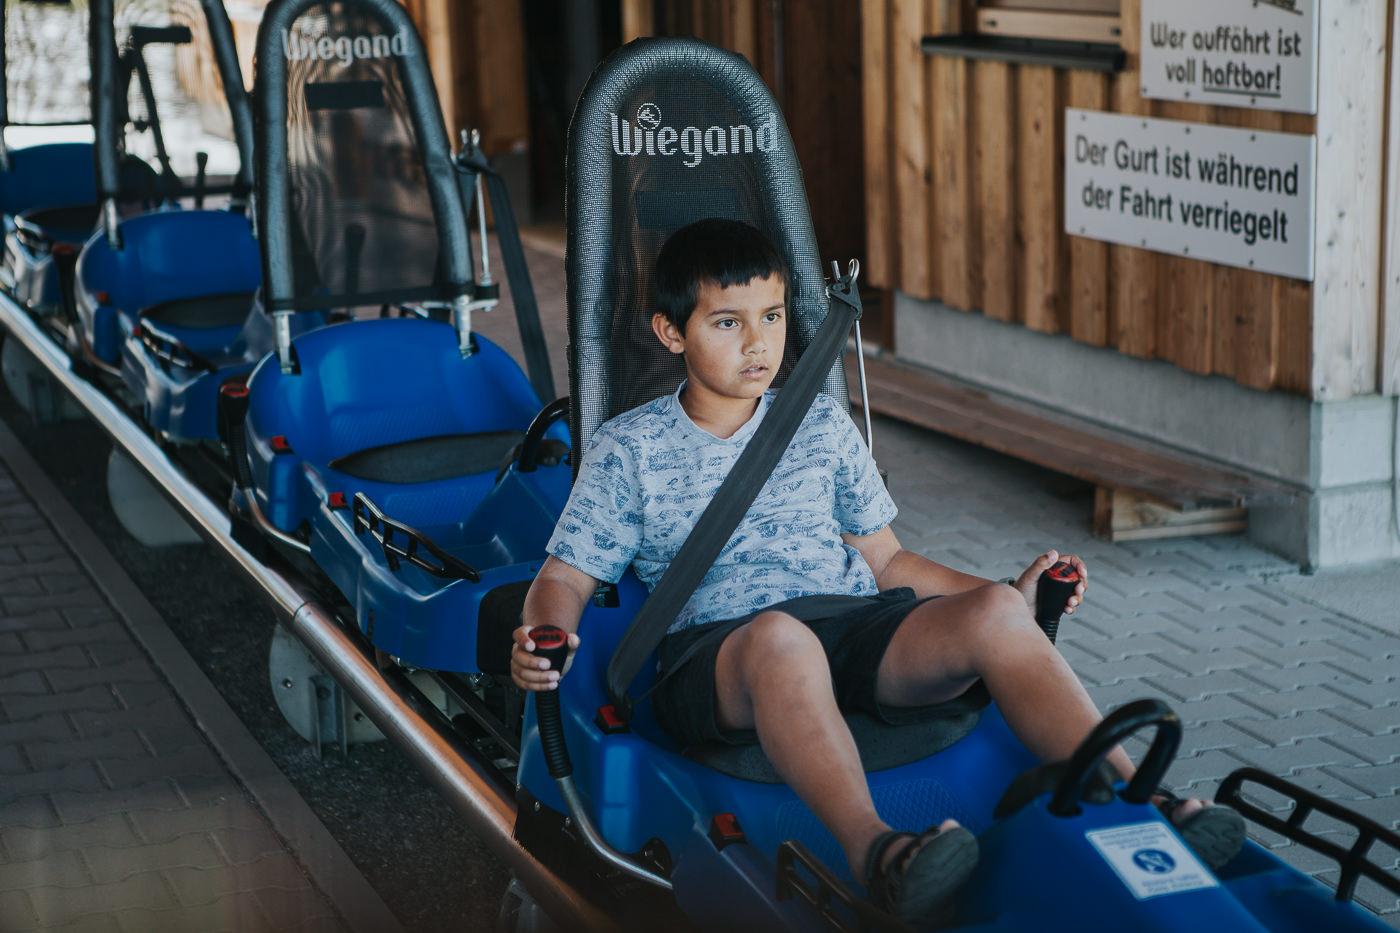 fun rides - boy on sled